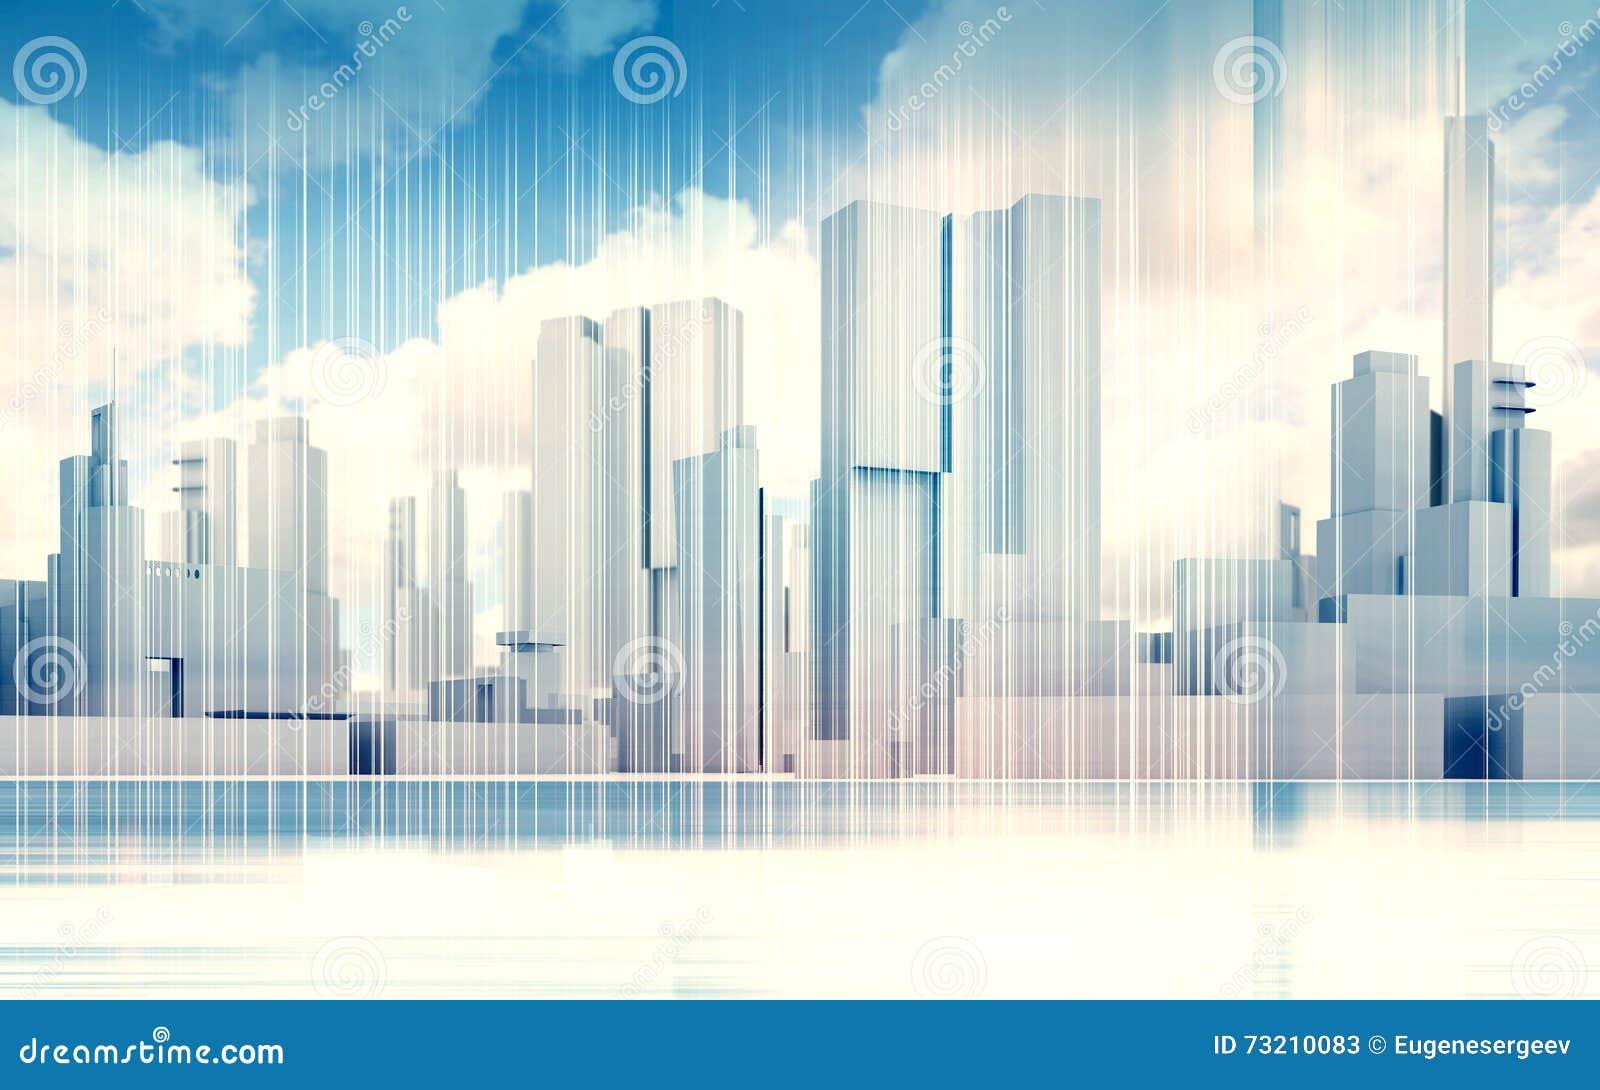 Ορίζοντας εικονικής παράστασης πόλης, δραματικός ουρανός, πλαίσιο καλωδίων τρισδιάστατο